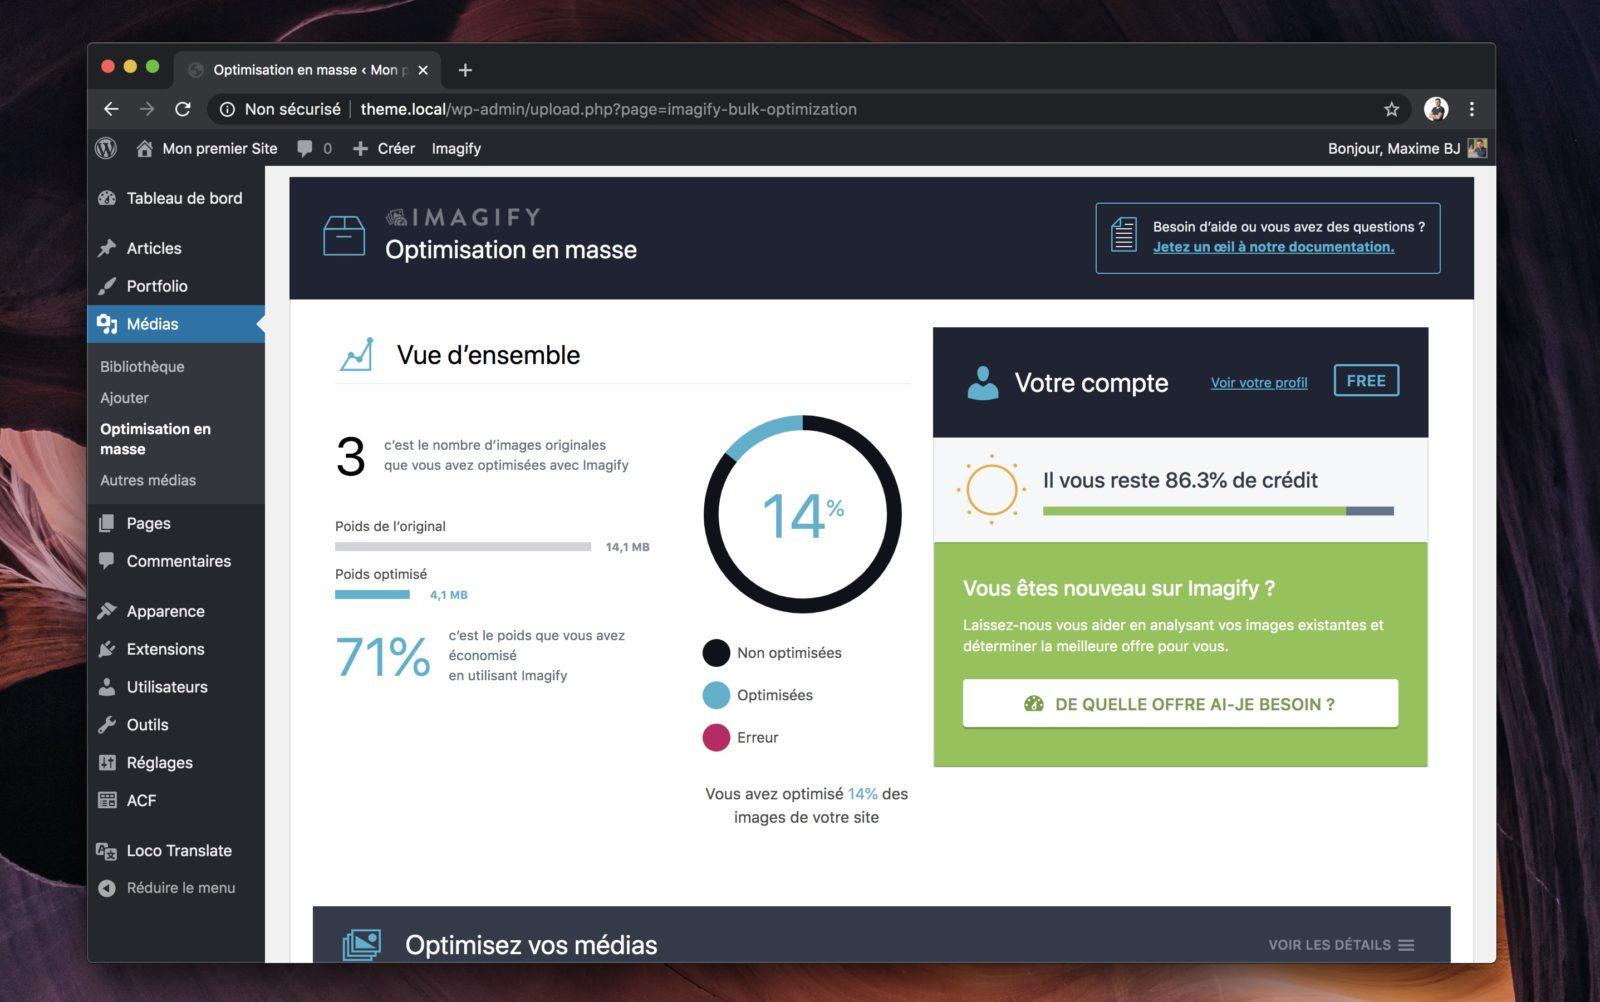 Capture d'écran de l'outil d'optimisation en masse d'Imagify